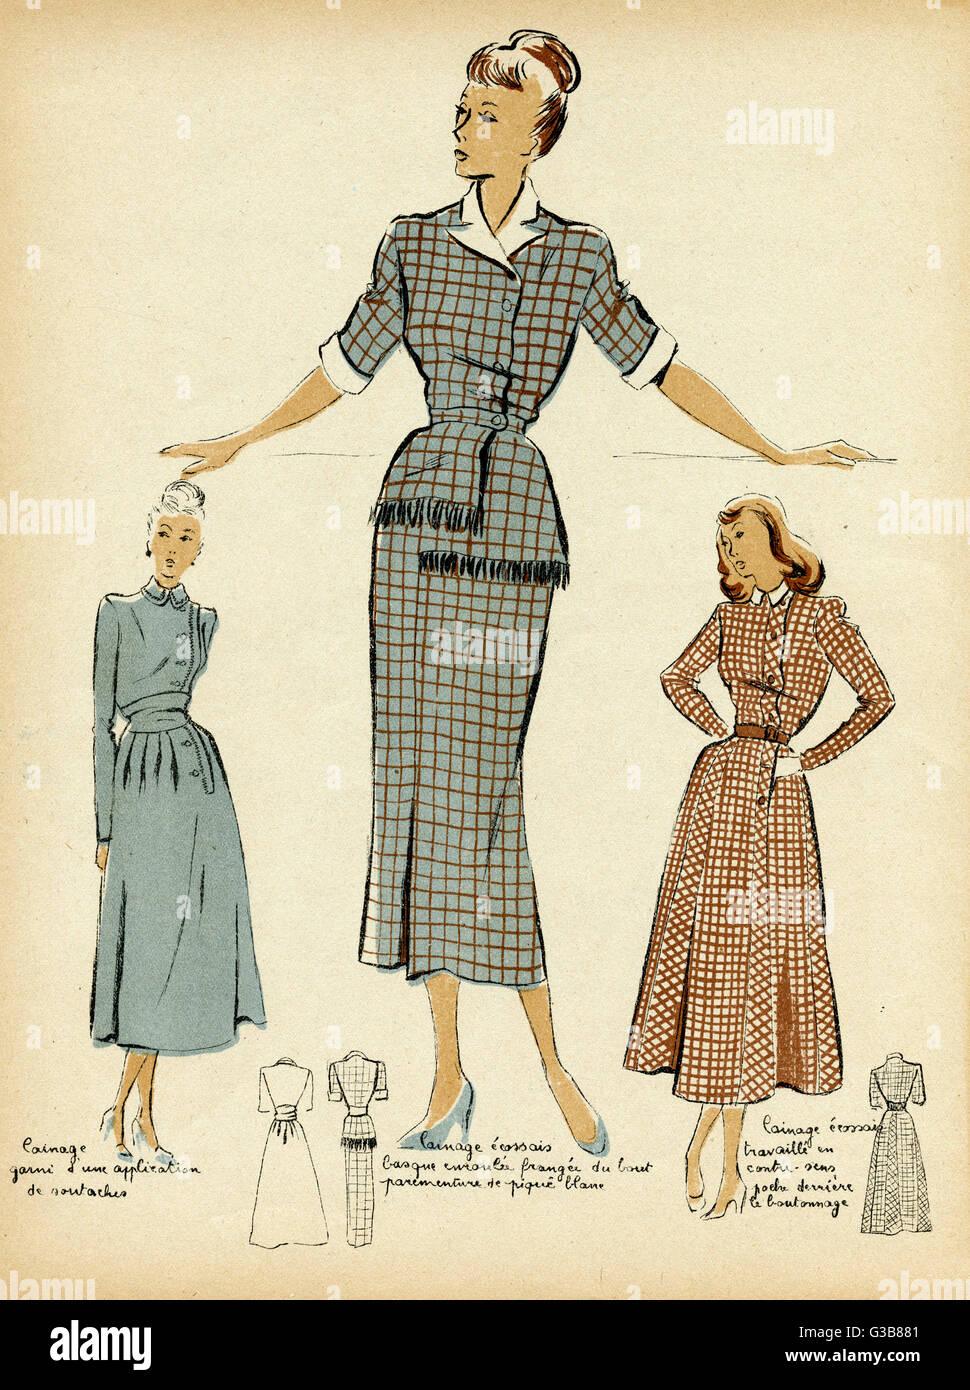 Drei Kleider mit engen Taillen und wadenlange Röcke. Man hat einen ...